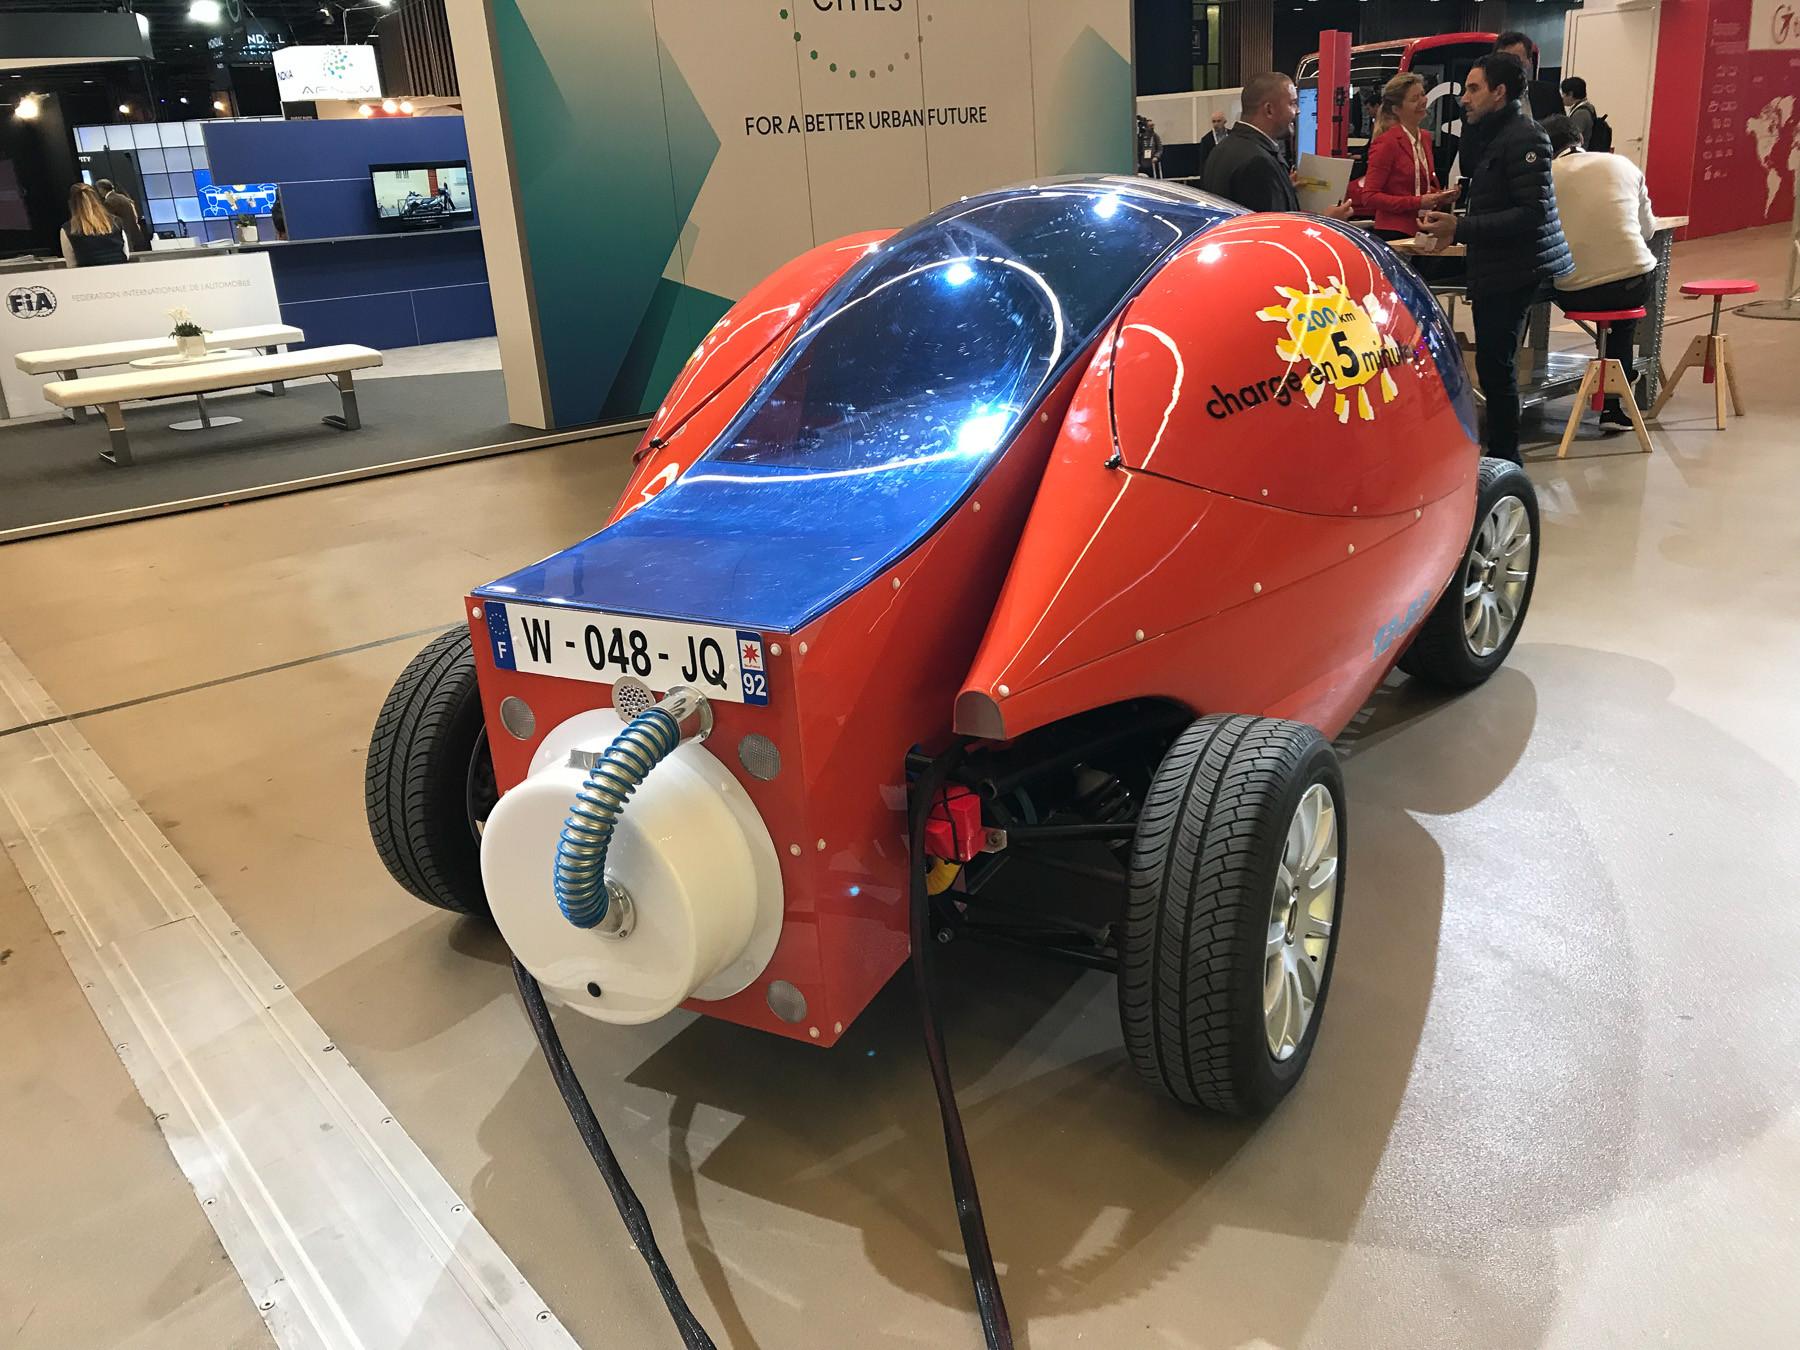 Странный автомобиль из Парижа, который установил рекорд 2